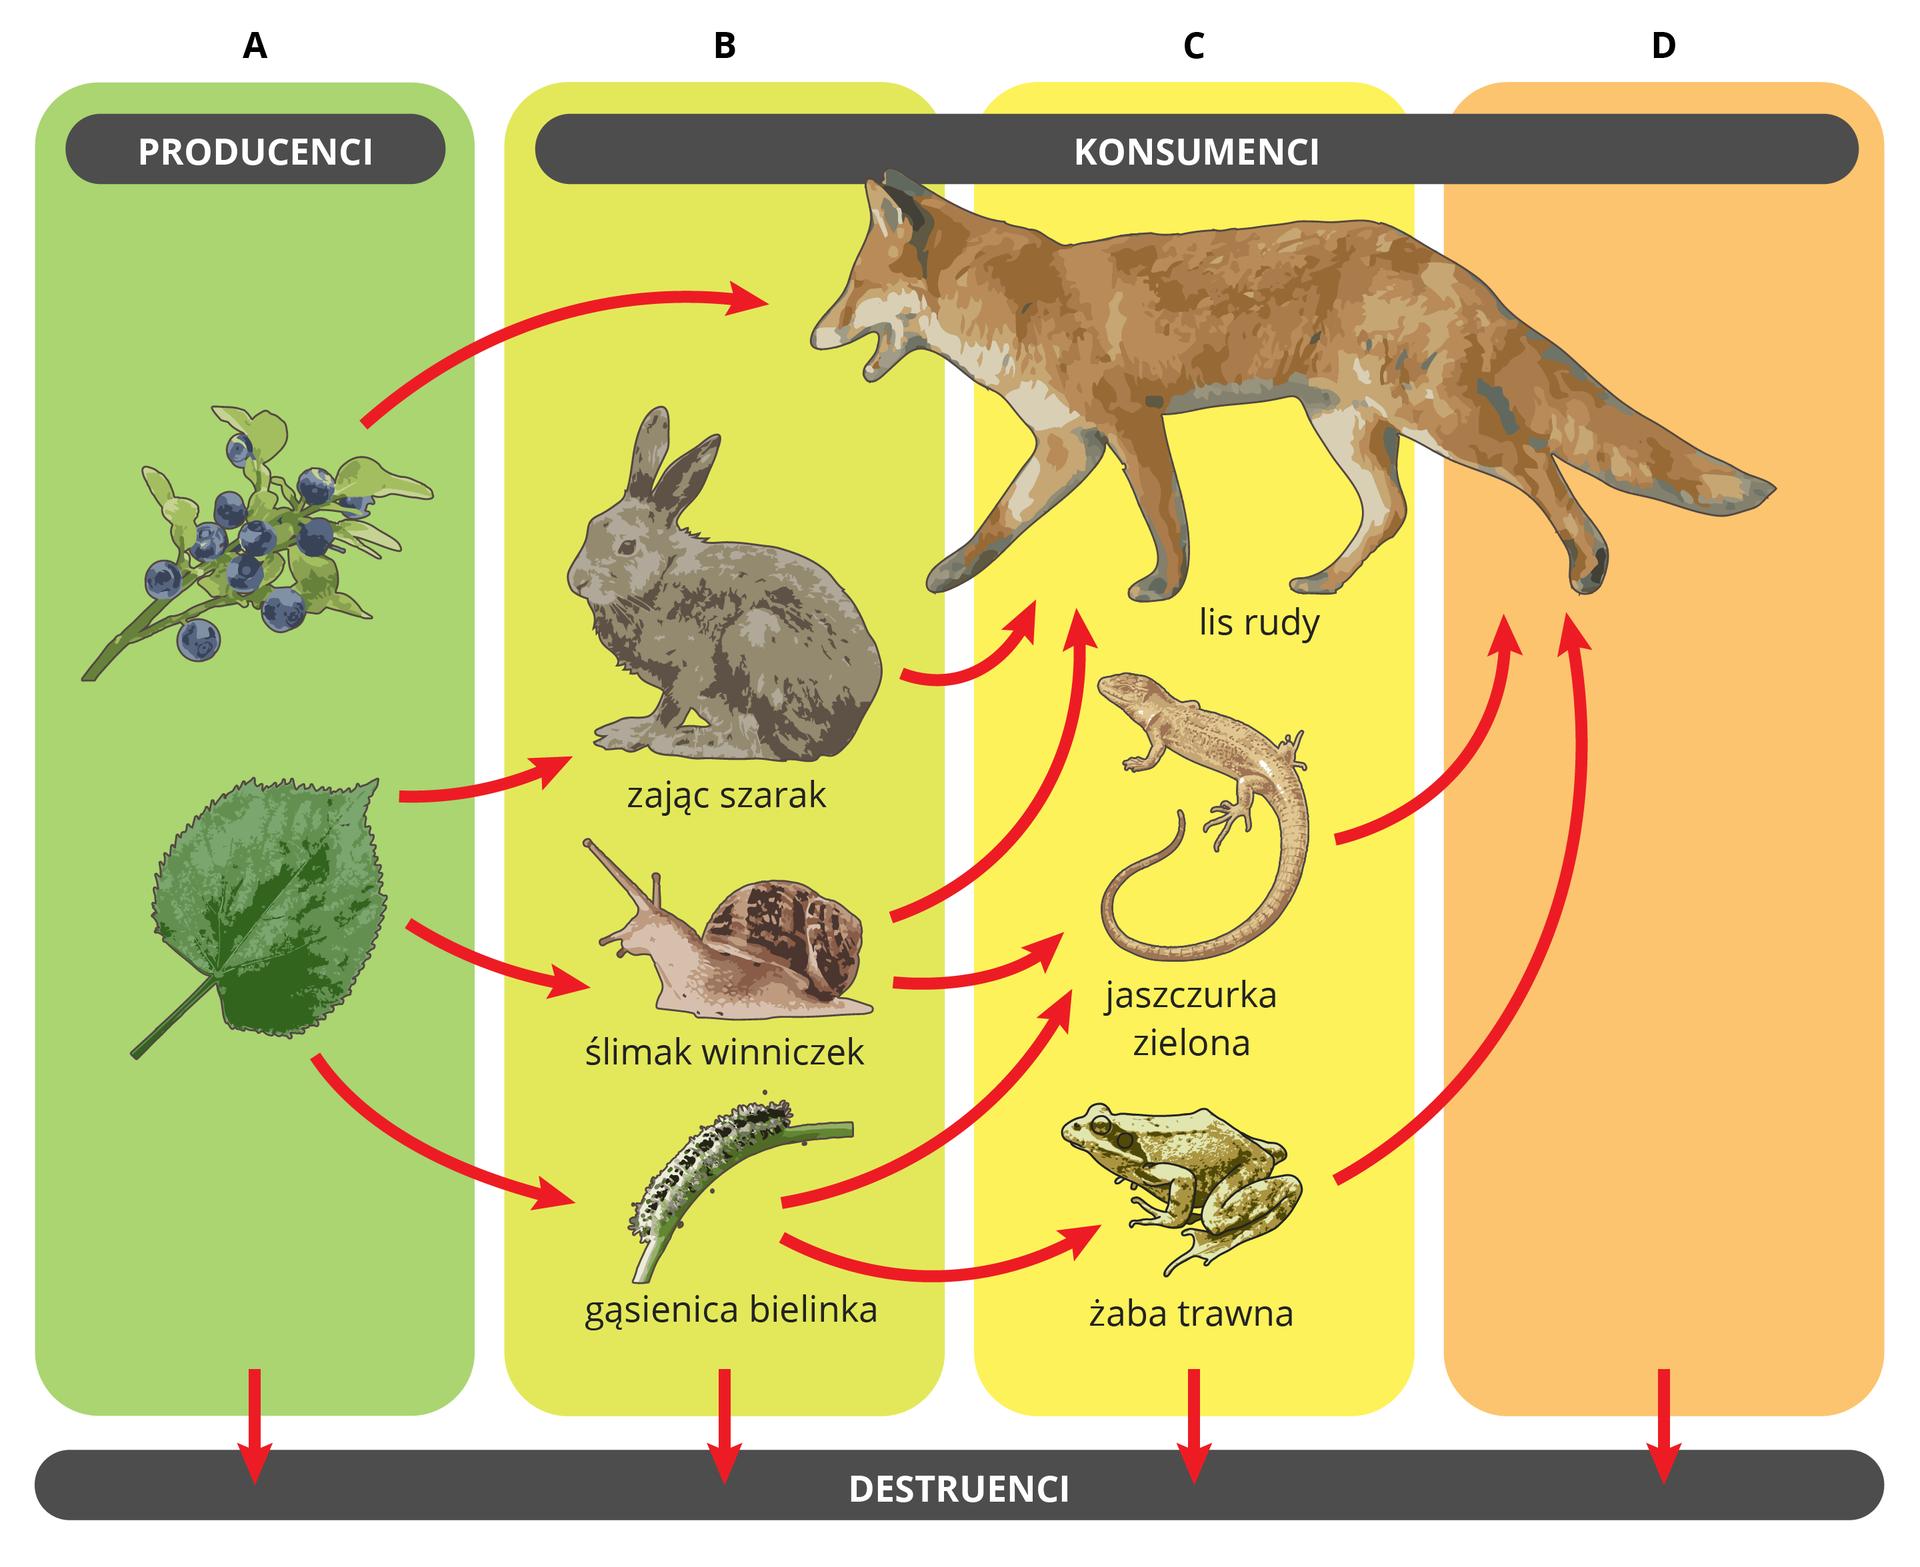 Ilustracja prezdstawia 4 poziomy troficzne wsadzie. producencji: drzewo, liśc, jabłko; roślinożercy: gąsienica, ślimak, zając; drapieżniki: kret, jaszczurka, lis. Na dole destruenci.